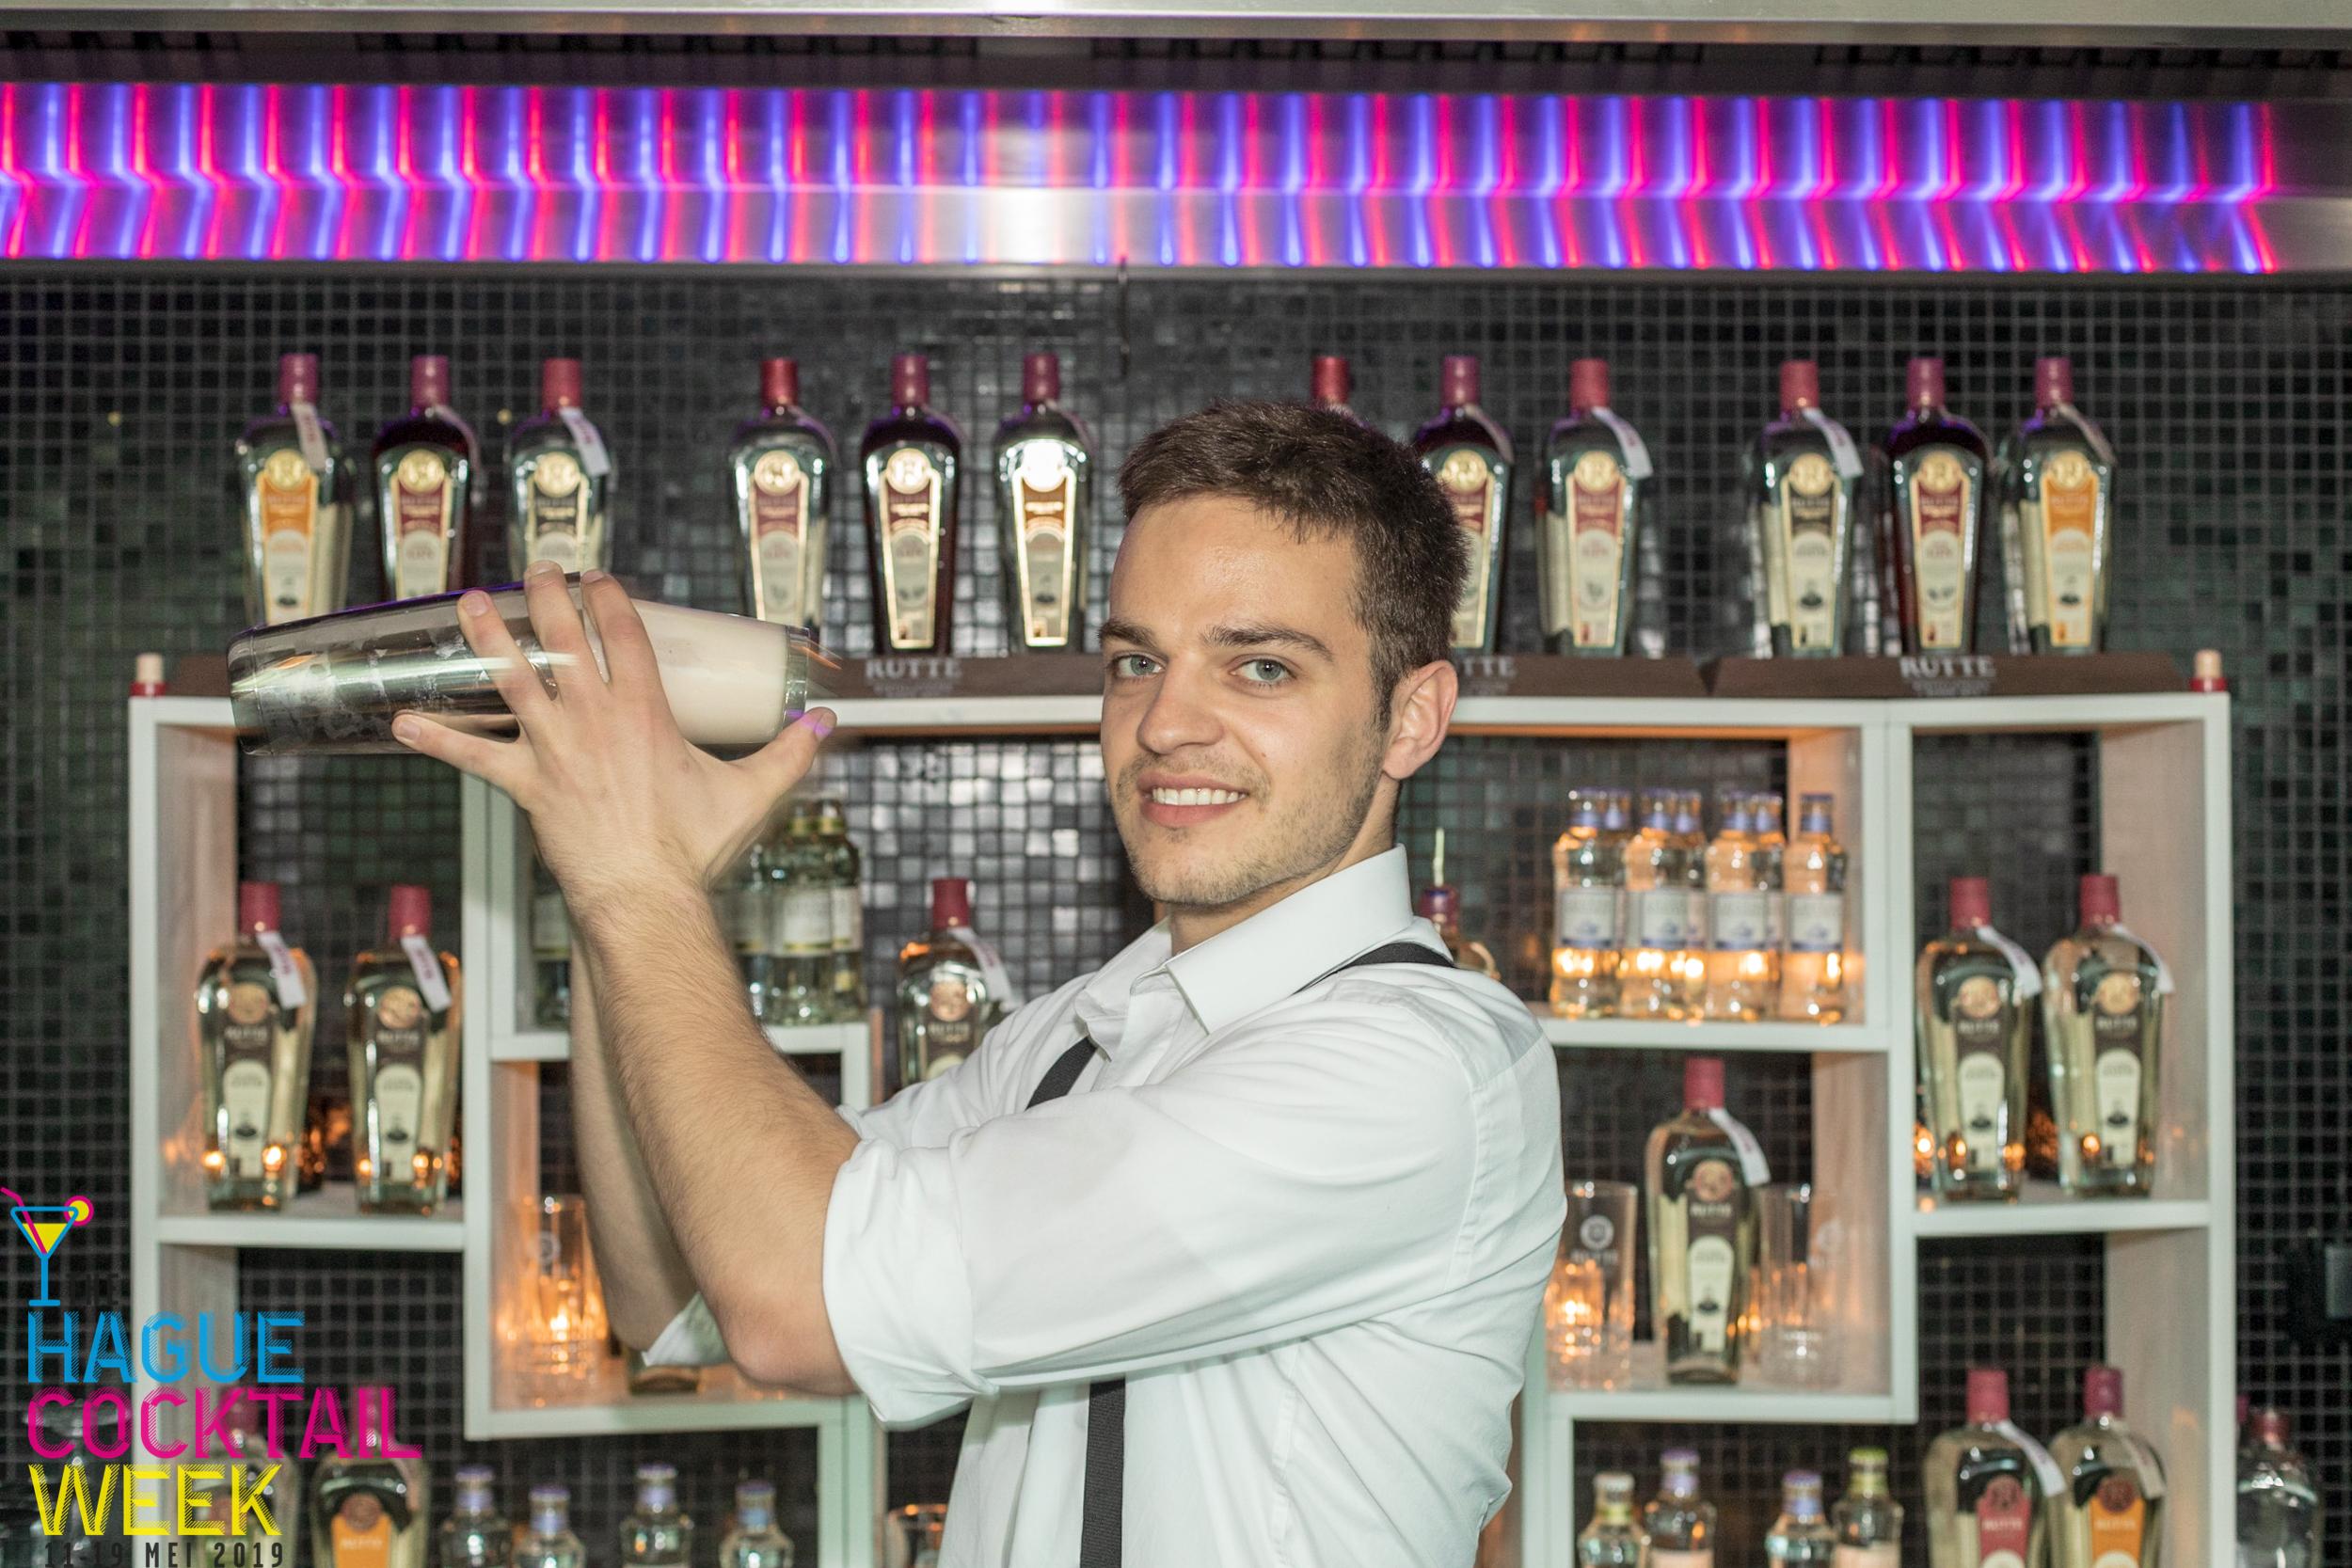 HofHouse | The Hague Cocktailweek-5-2.jpg